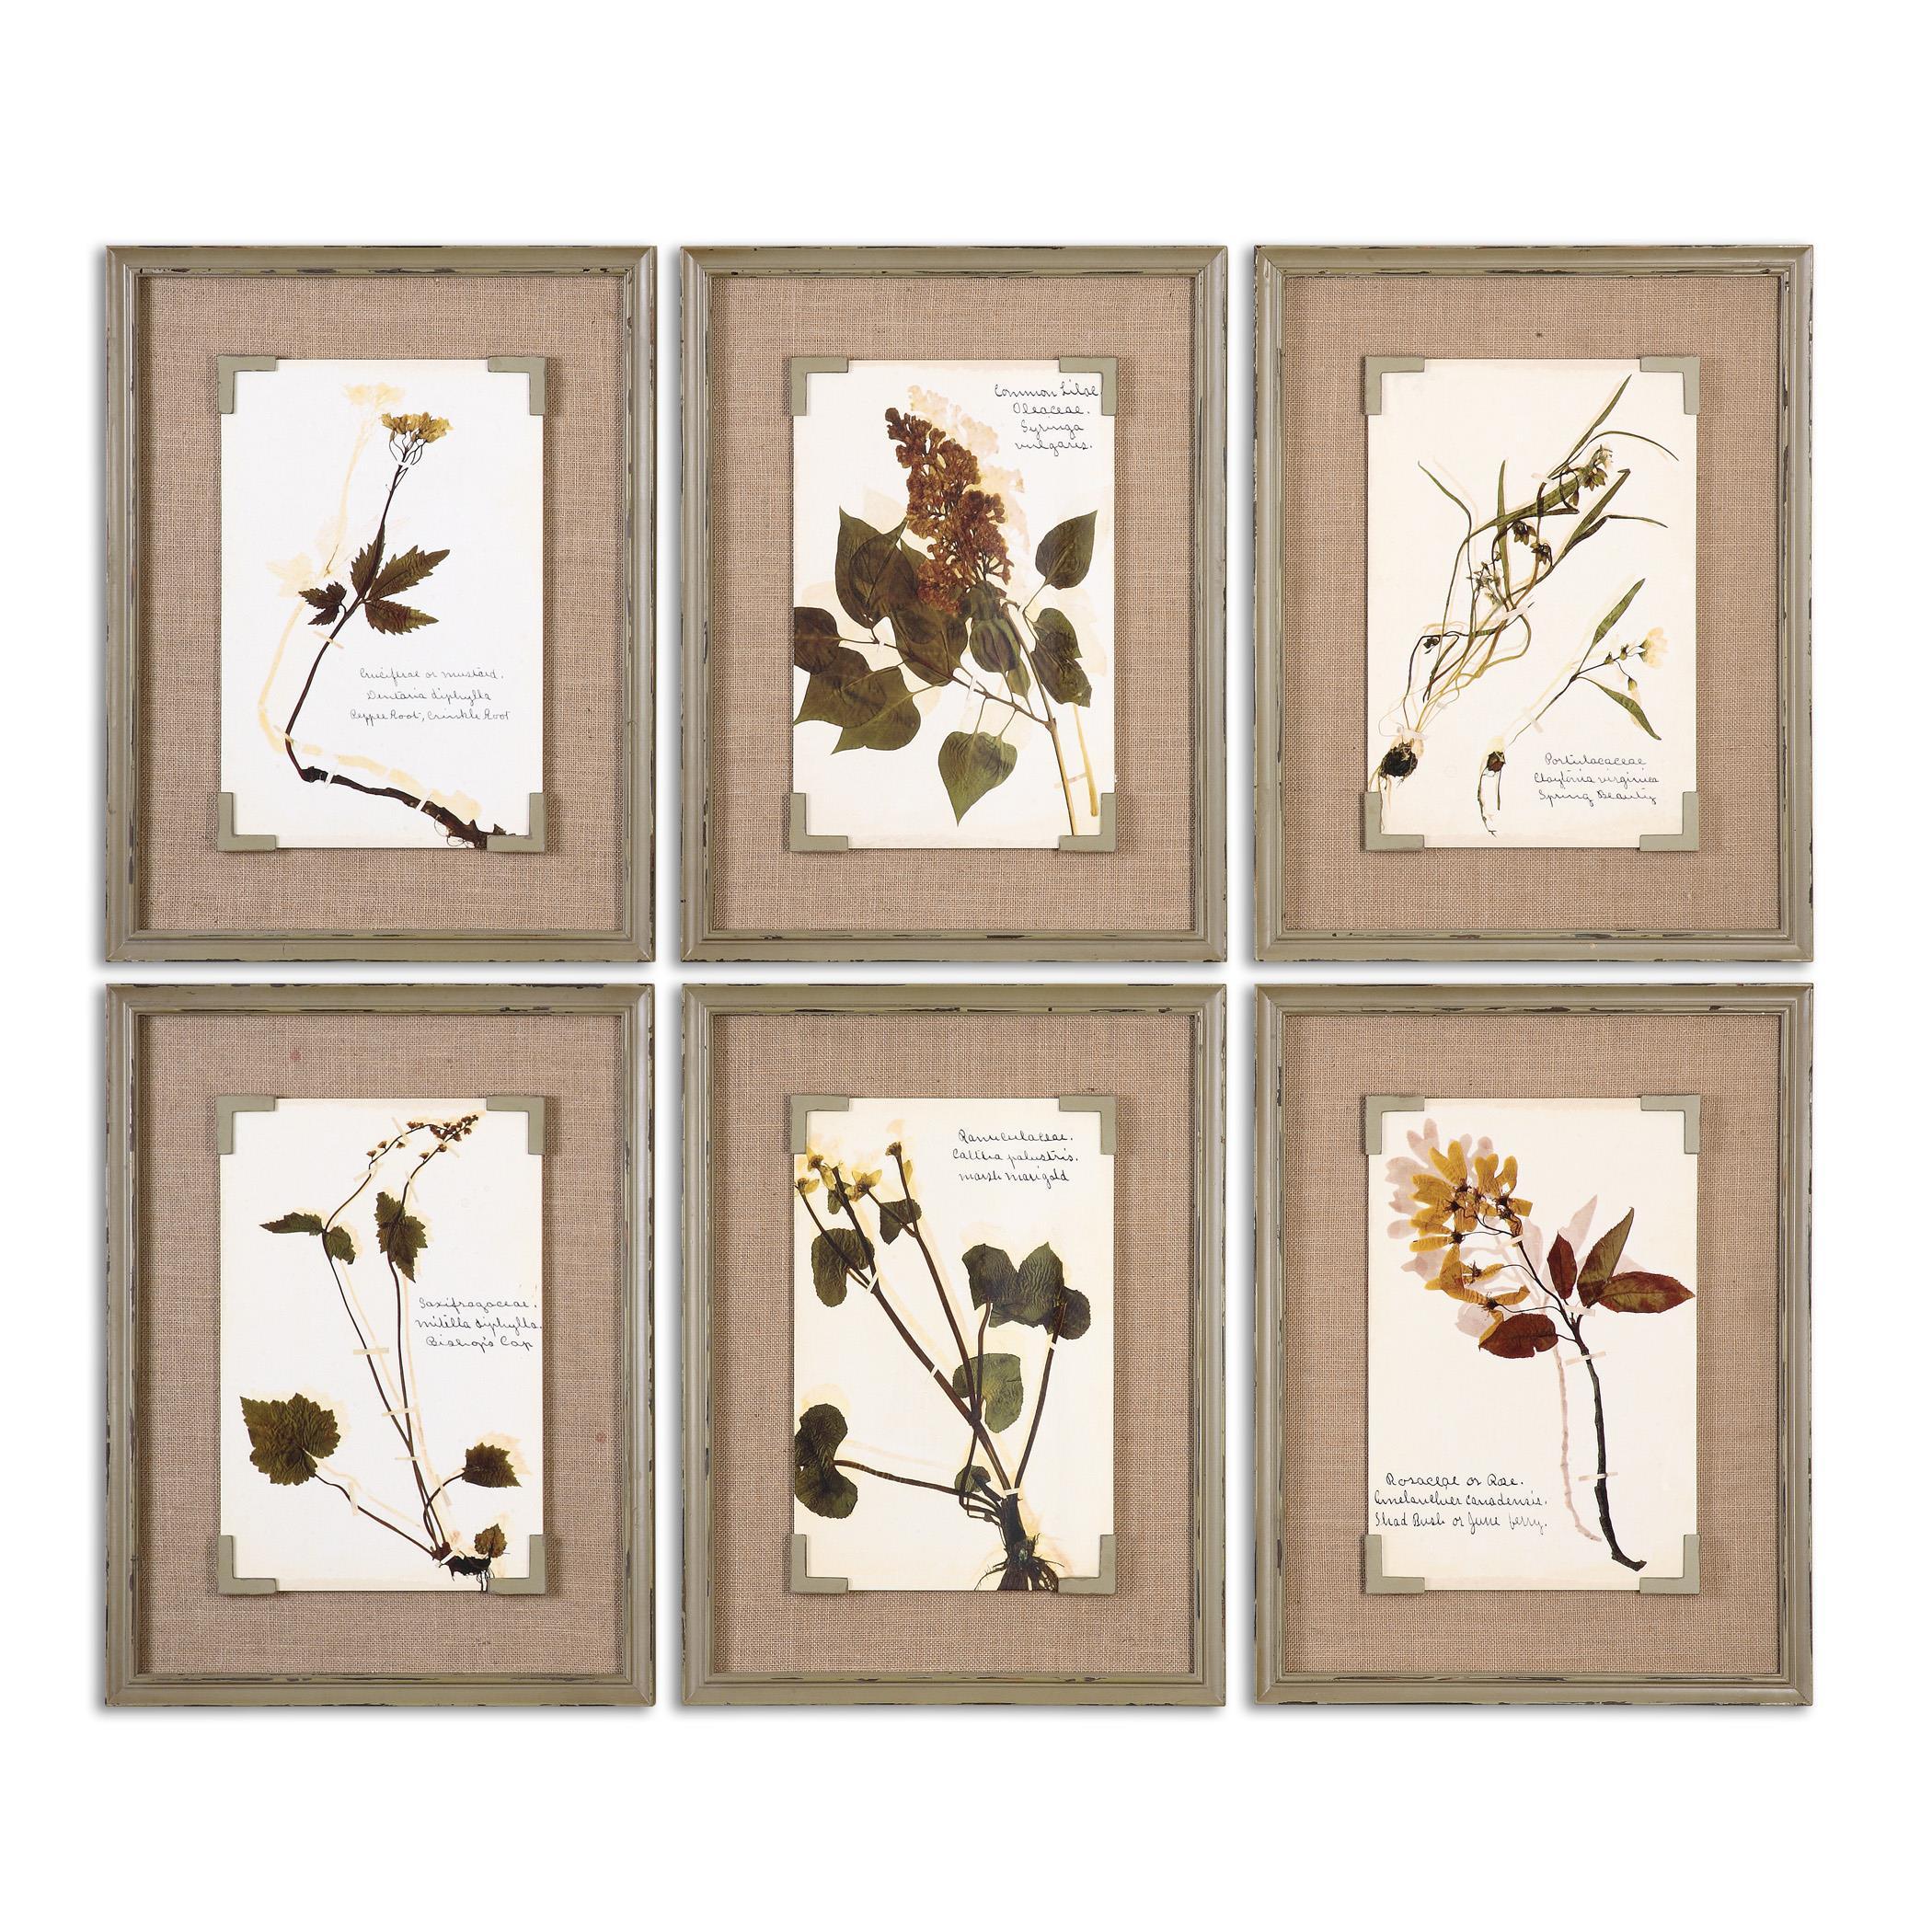 Uttermost Art Ceramic Florals Framed Art, S/6 - Item Number: 55024